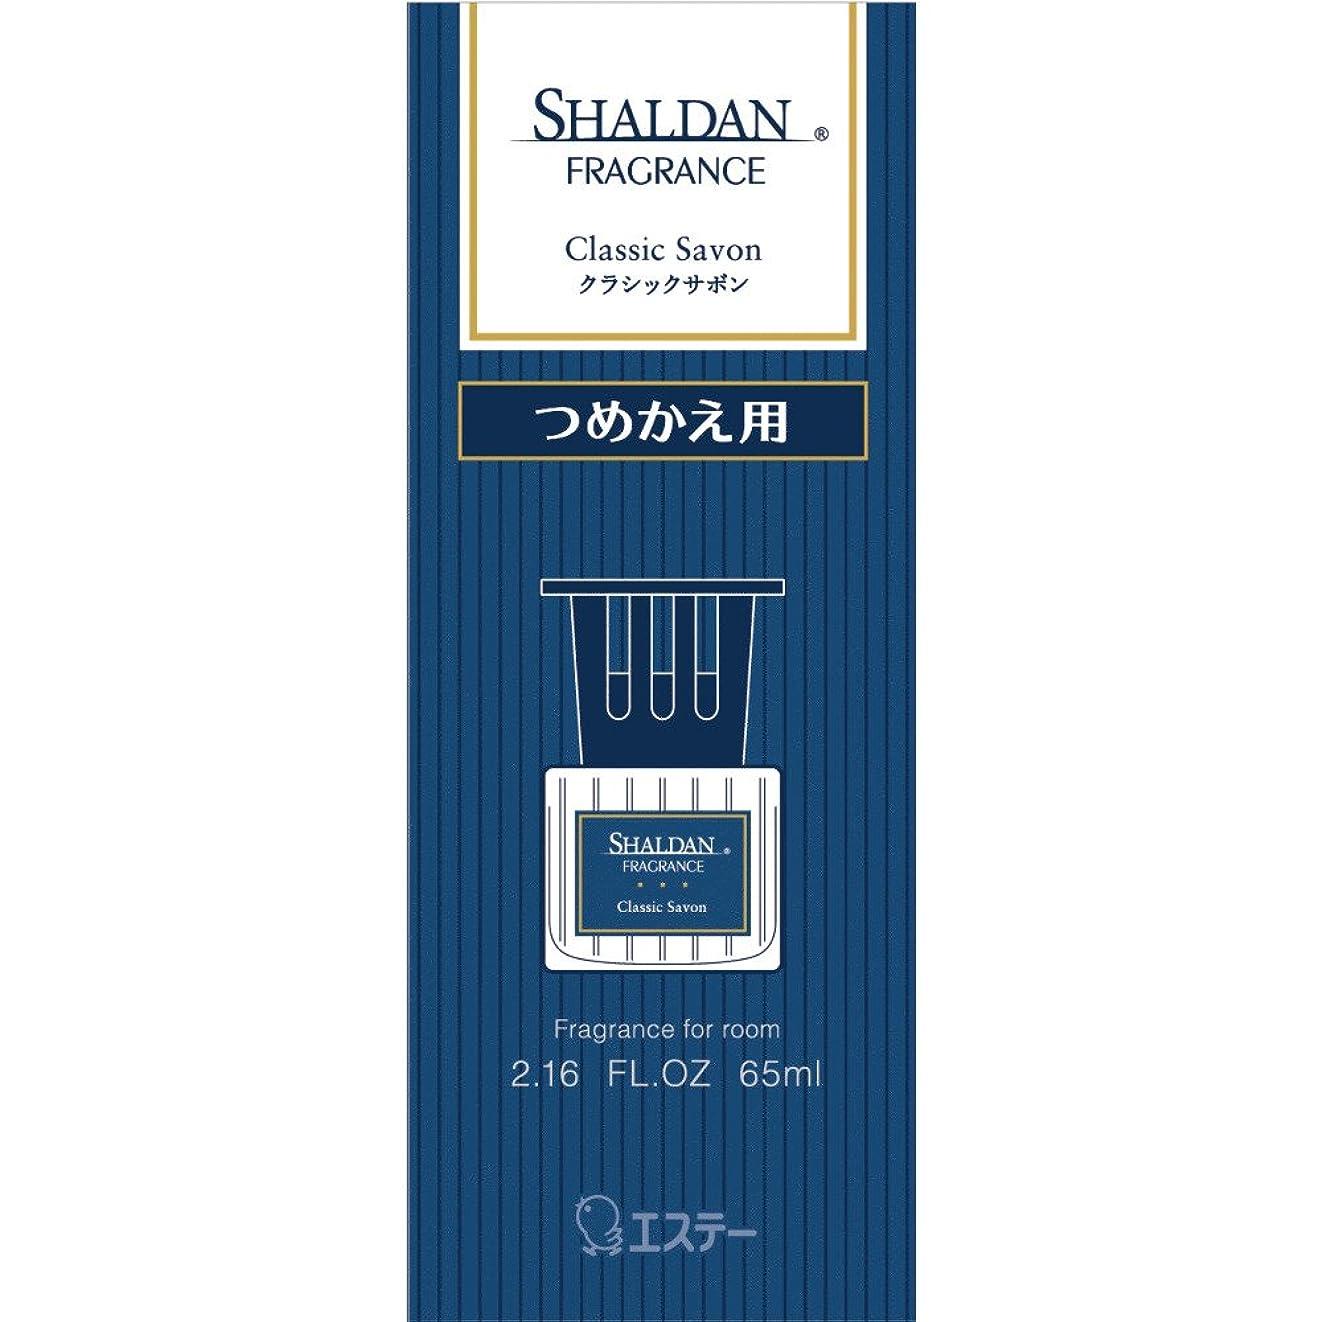 酒オーディション歯科のシャルダン SHALDAN フレグランス 消臭芳香剤 部屋用 つめかえ クラシックサボン 65ml